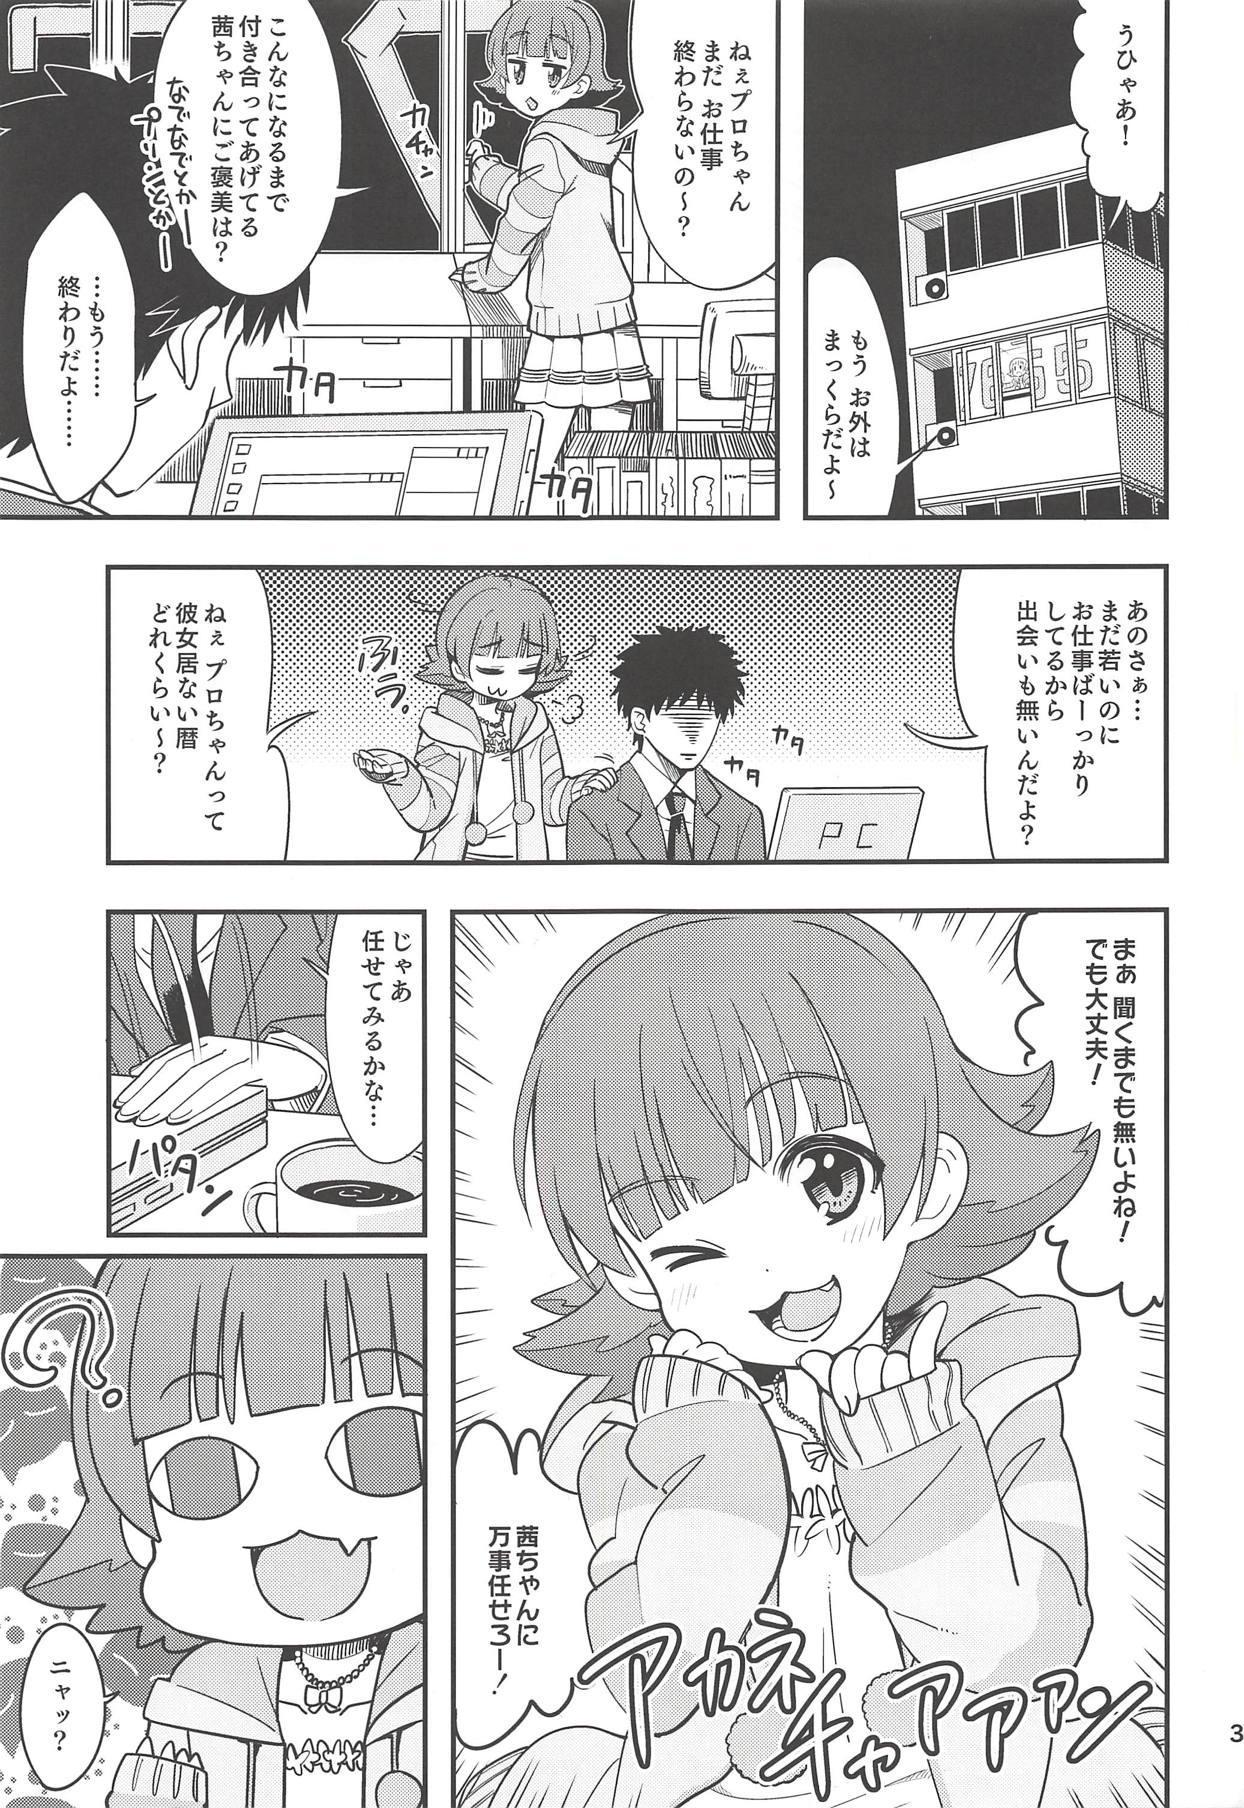 Fueru Akane-chan 1